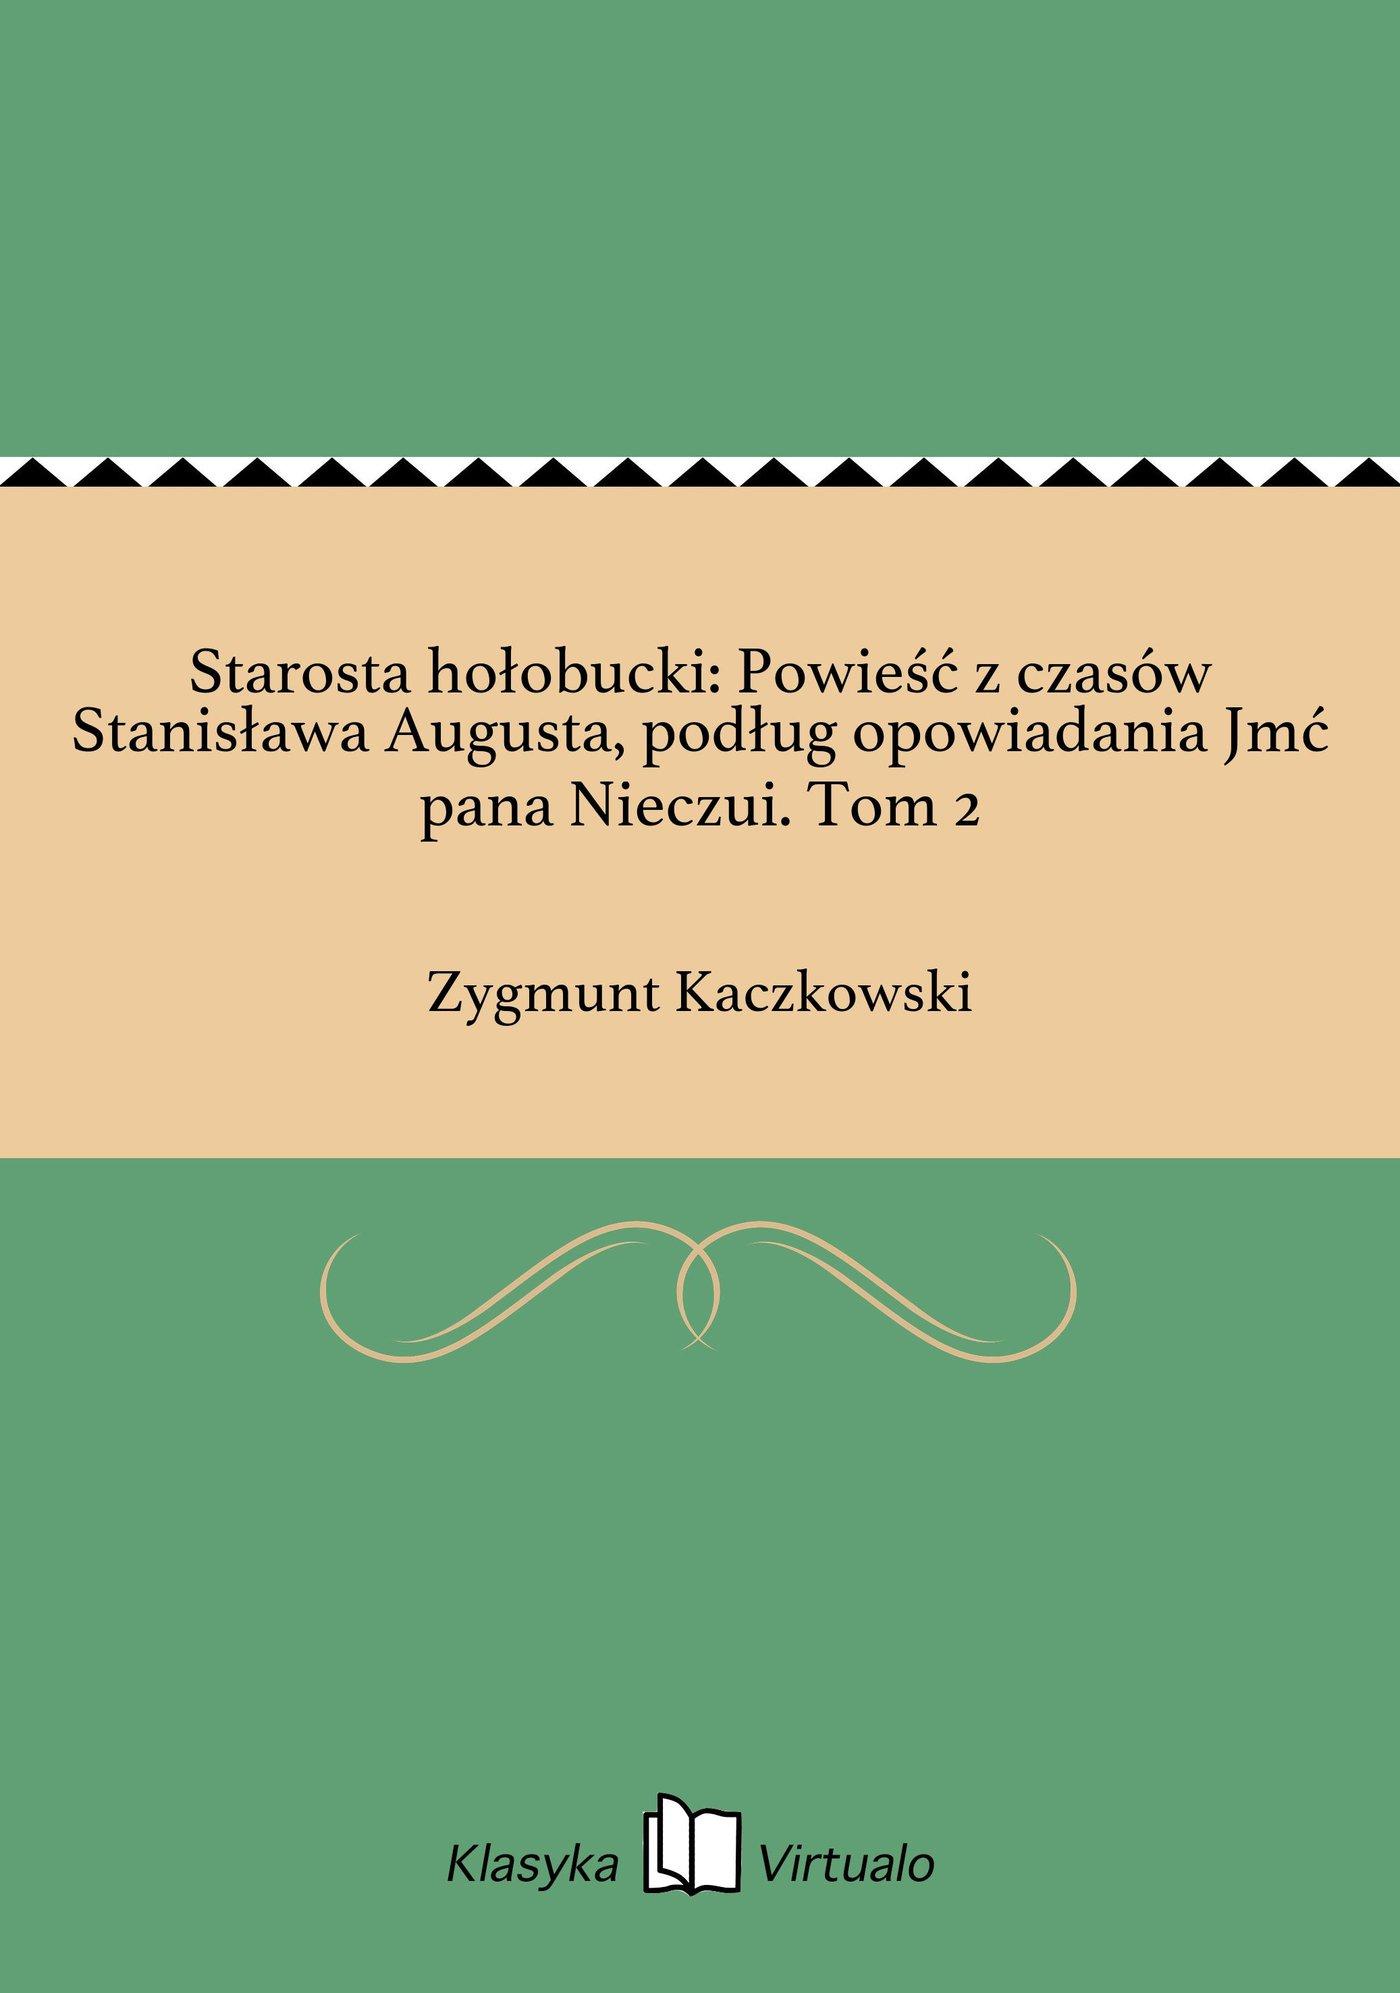 Starosta hołobucki: Powieść z czasów Stanisława Augusta, podług opowiadania Jmć pana Nieczui. Tom 2 - Ebook (Książka EPUB) do pobrania w formacie EPUB